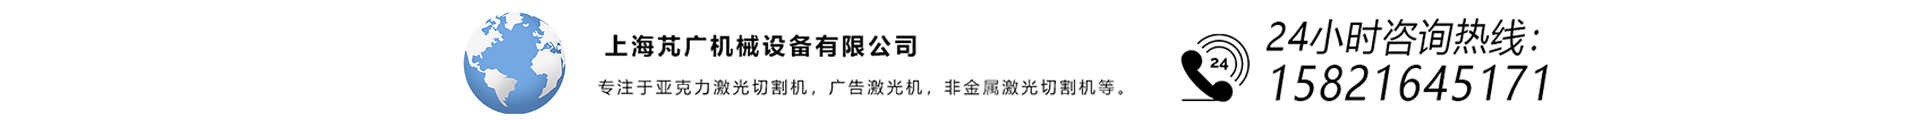 上海芃广机械设备有限公司